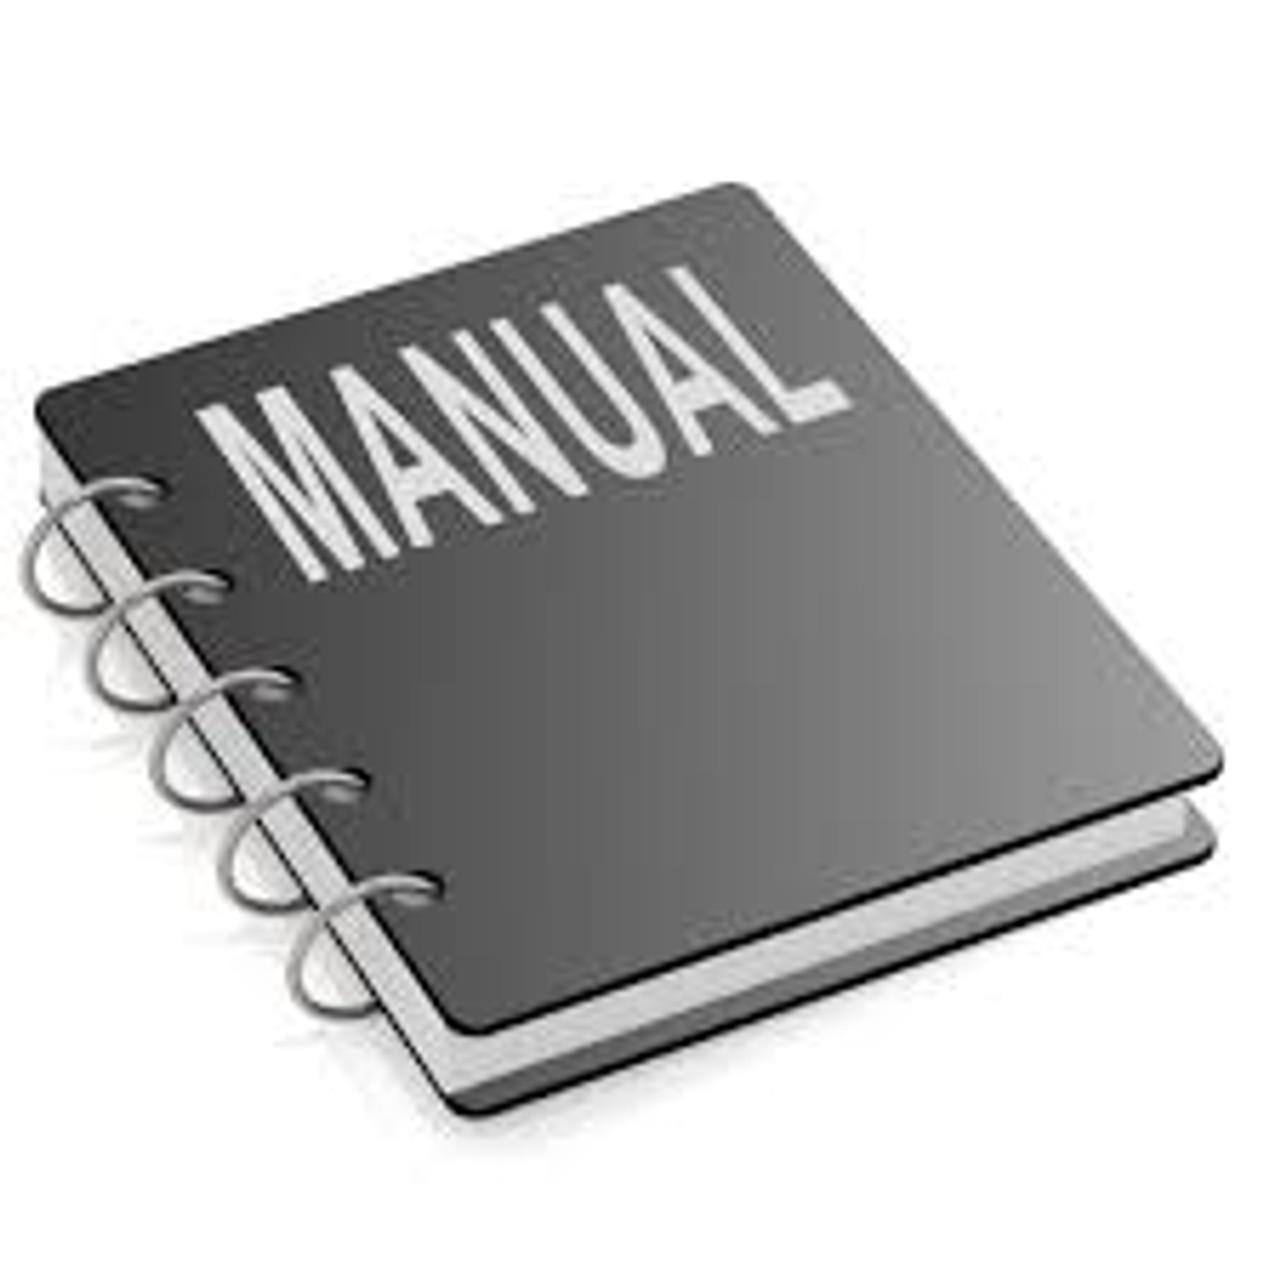 Printed Copy of User Manual